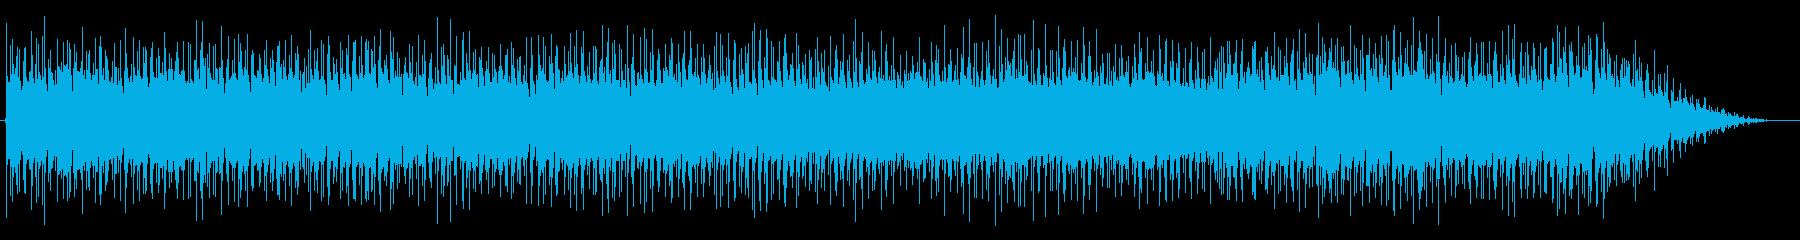 シャッフル系で都会的なBGMの再生済みの波形